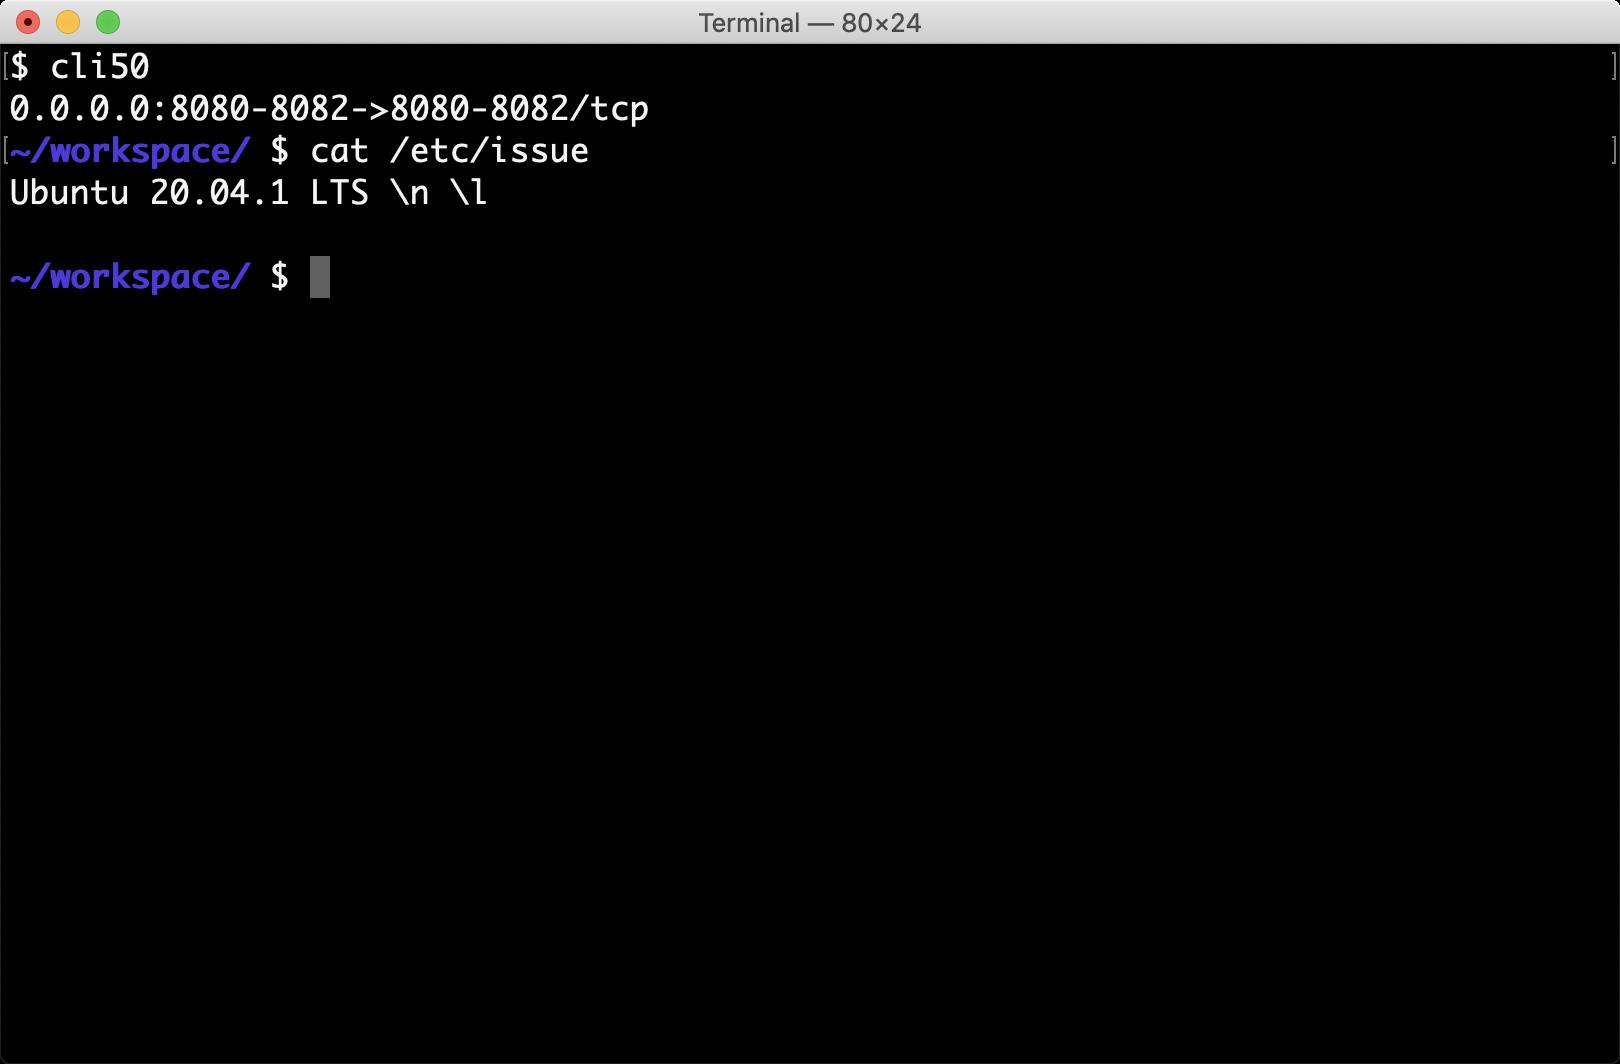 Screen Shot 2021-01-01 at 3.29.56 PM.png